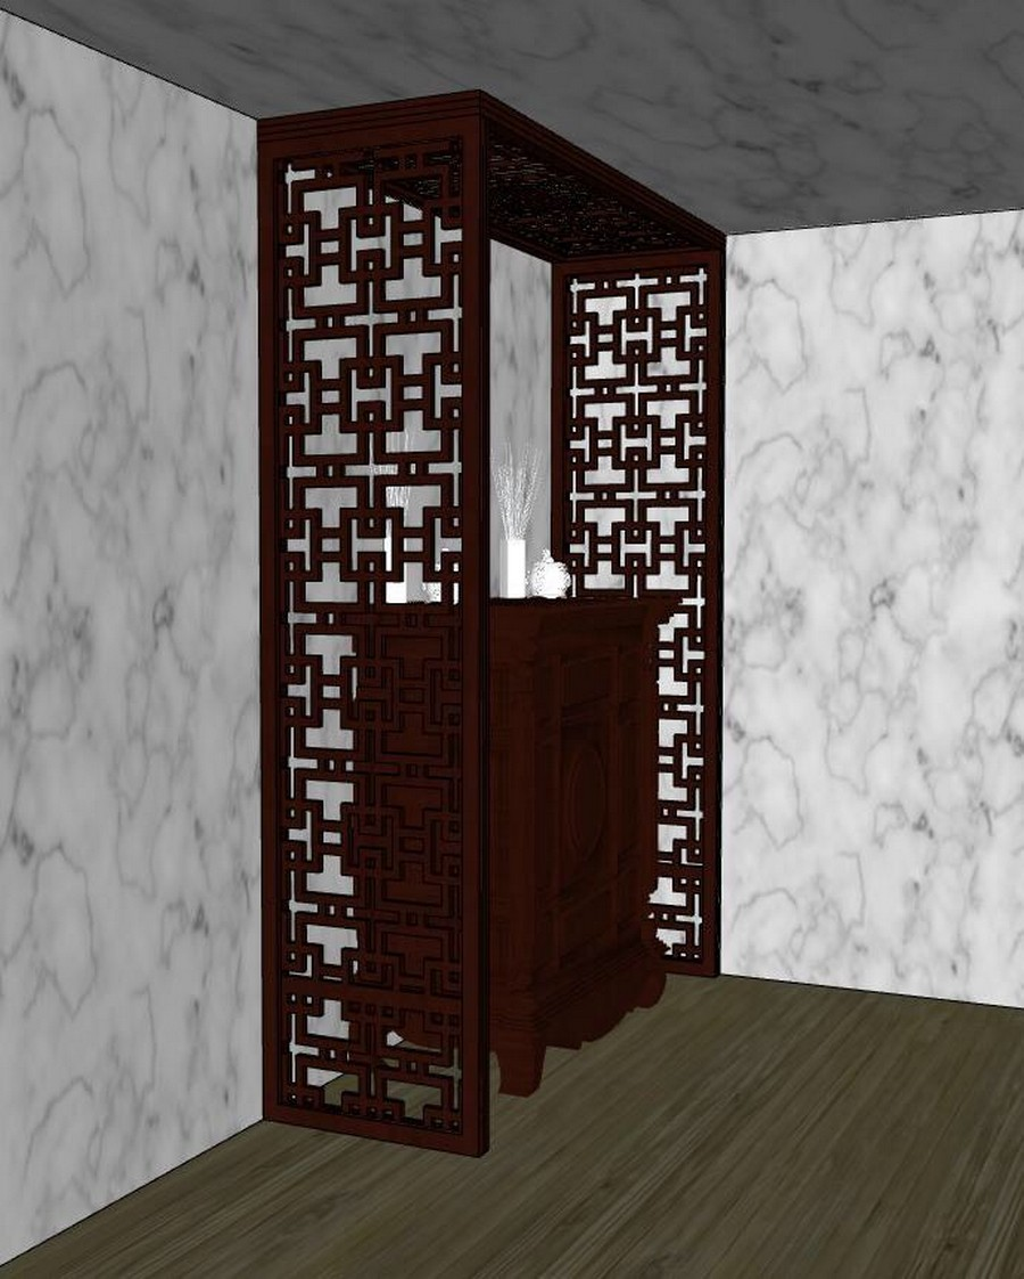 Mẫu vách ngăn CNC phòng thờ bằng gỗ cho chung cư, nhà đẹp